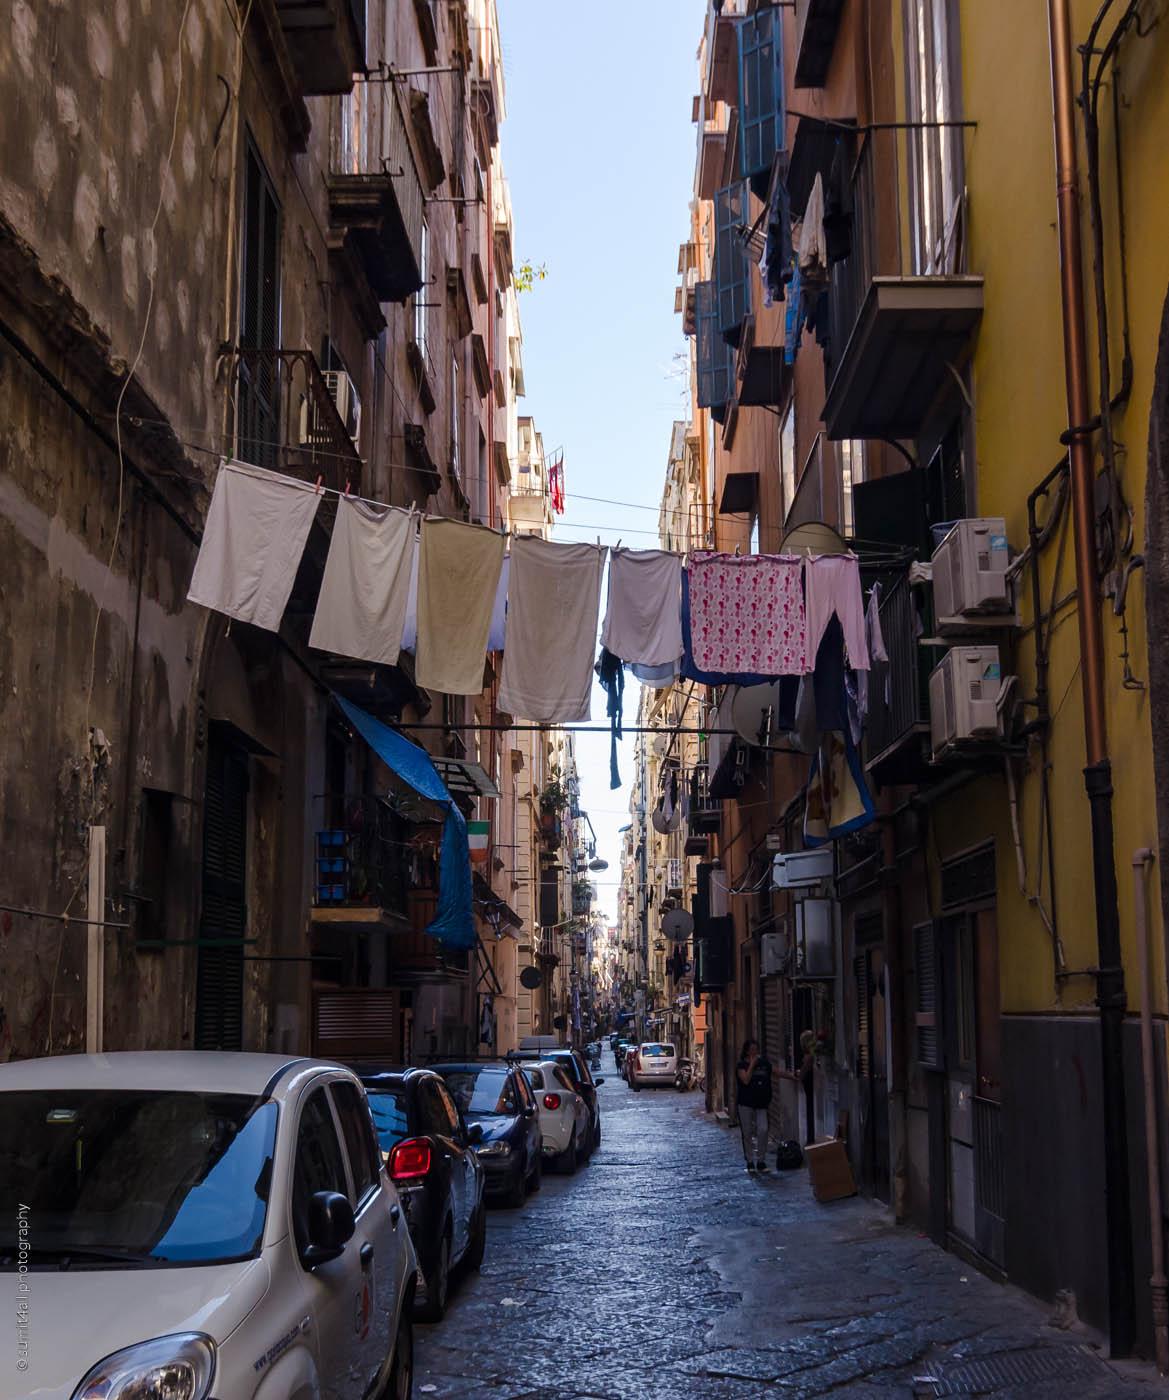 A Street Scene in Naples, Italy